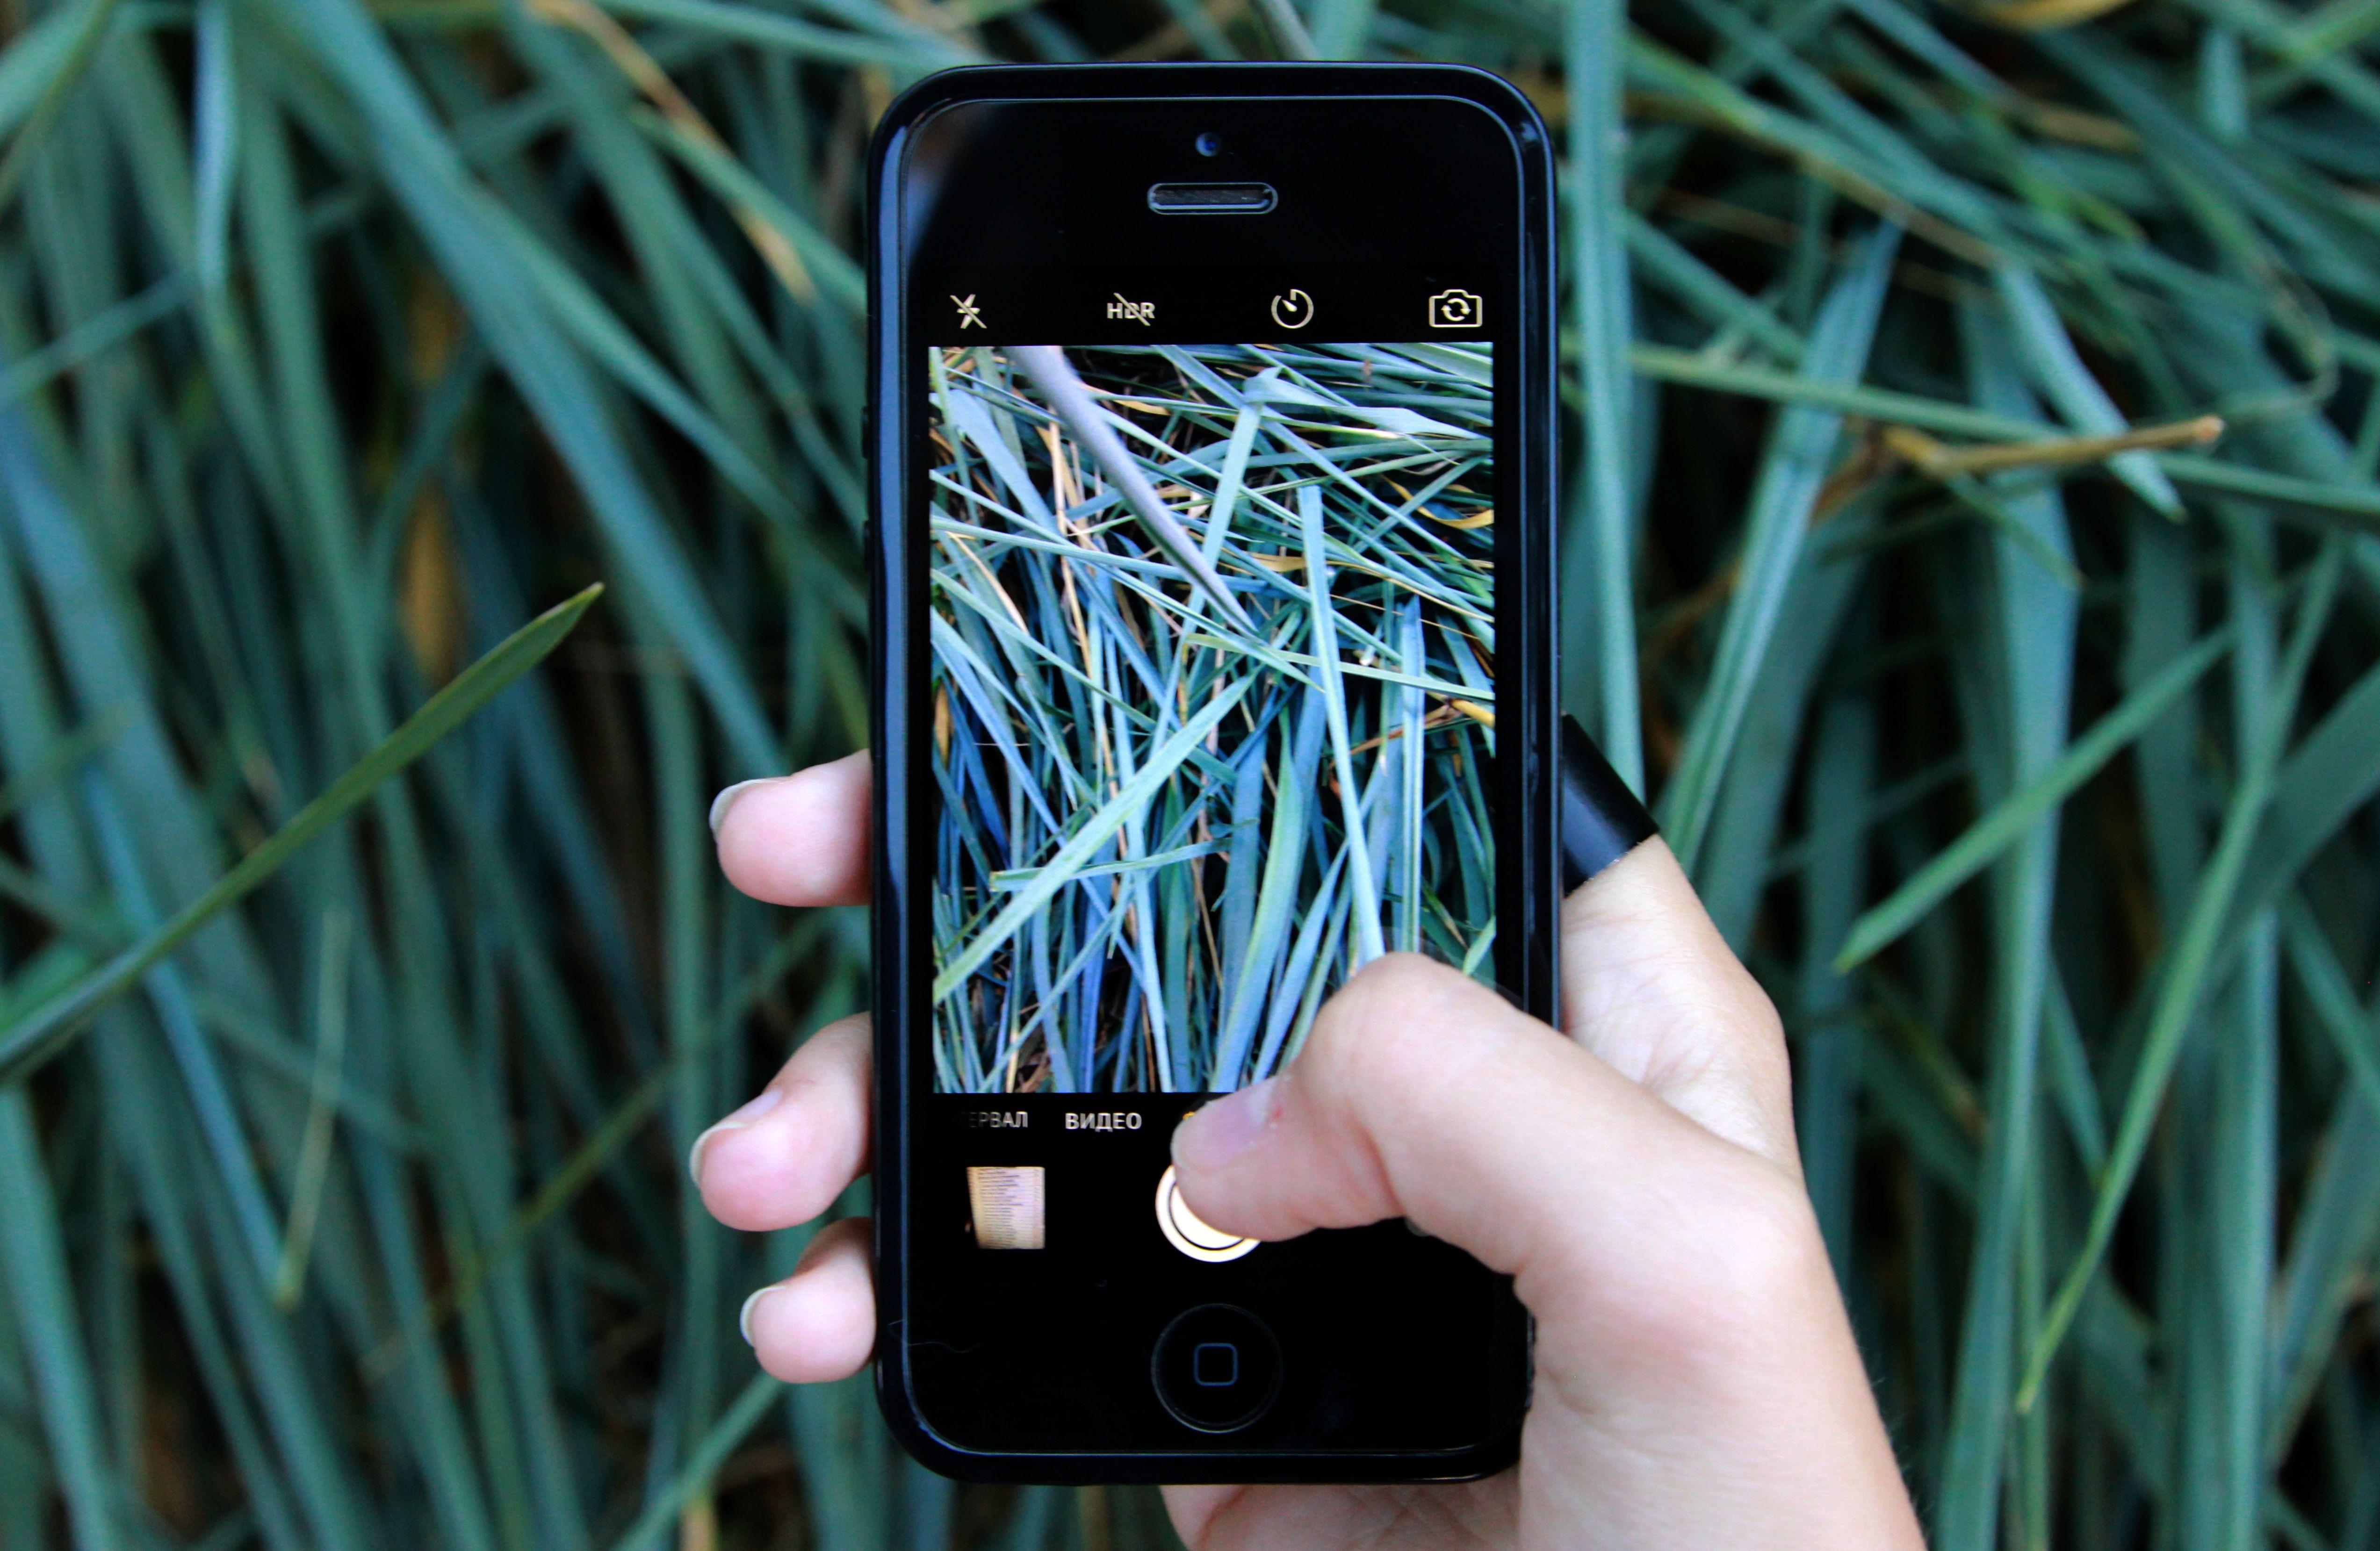 статичная картинка на телефоне никогда стоит месте